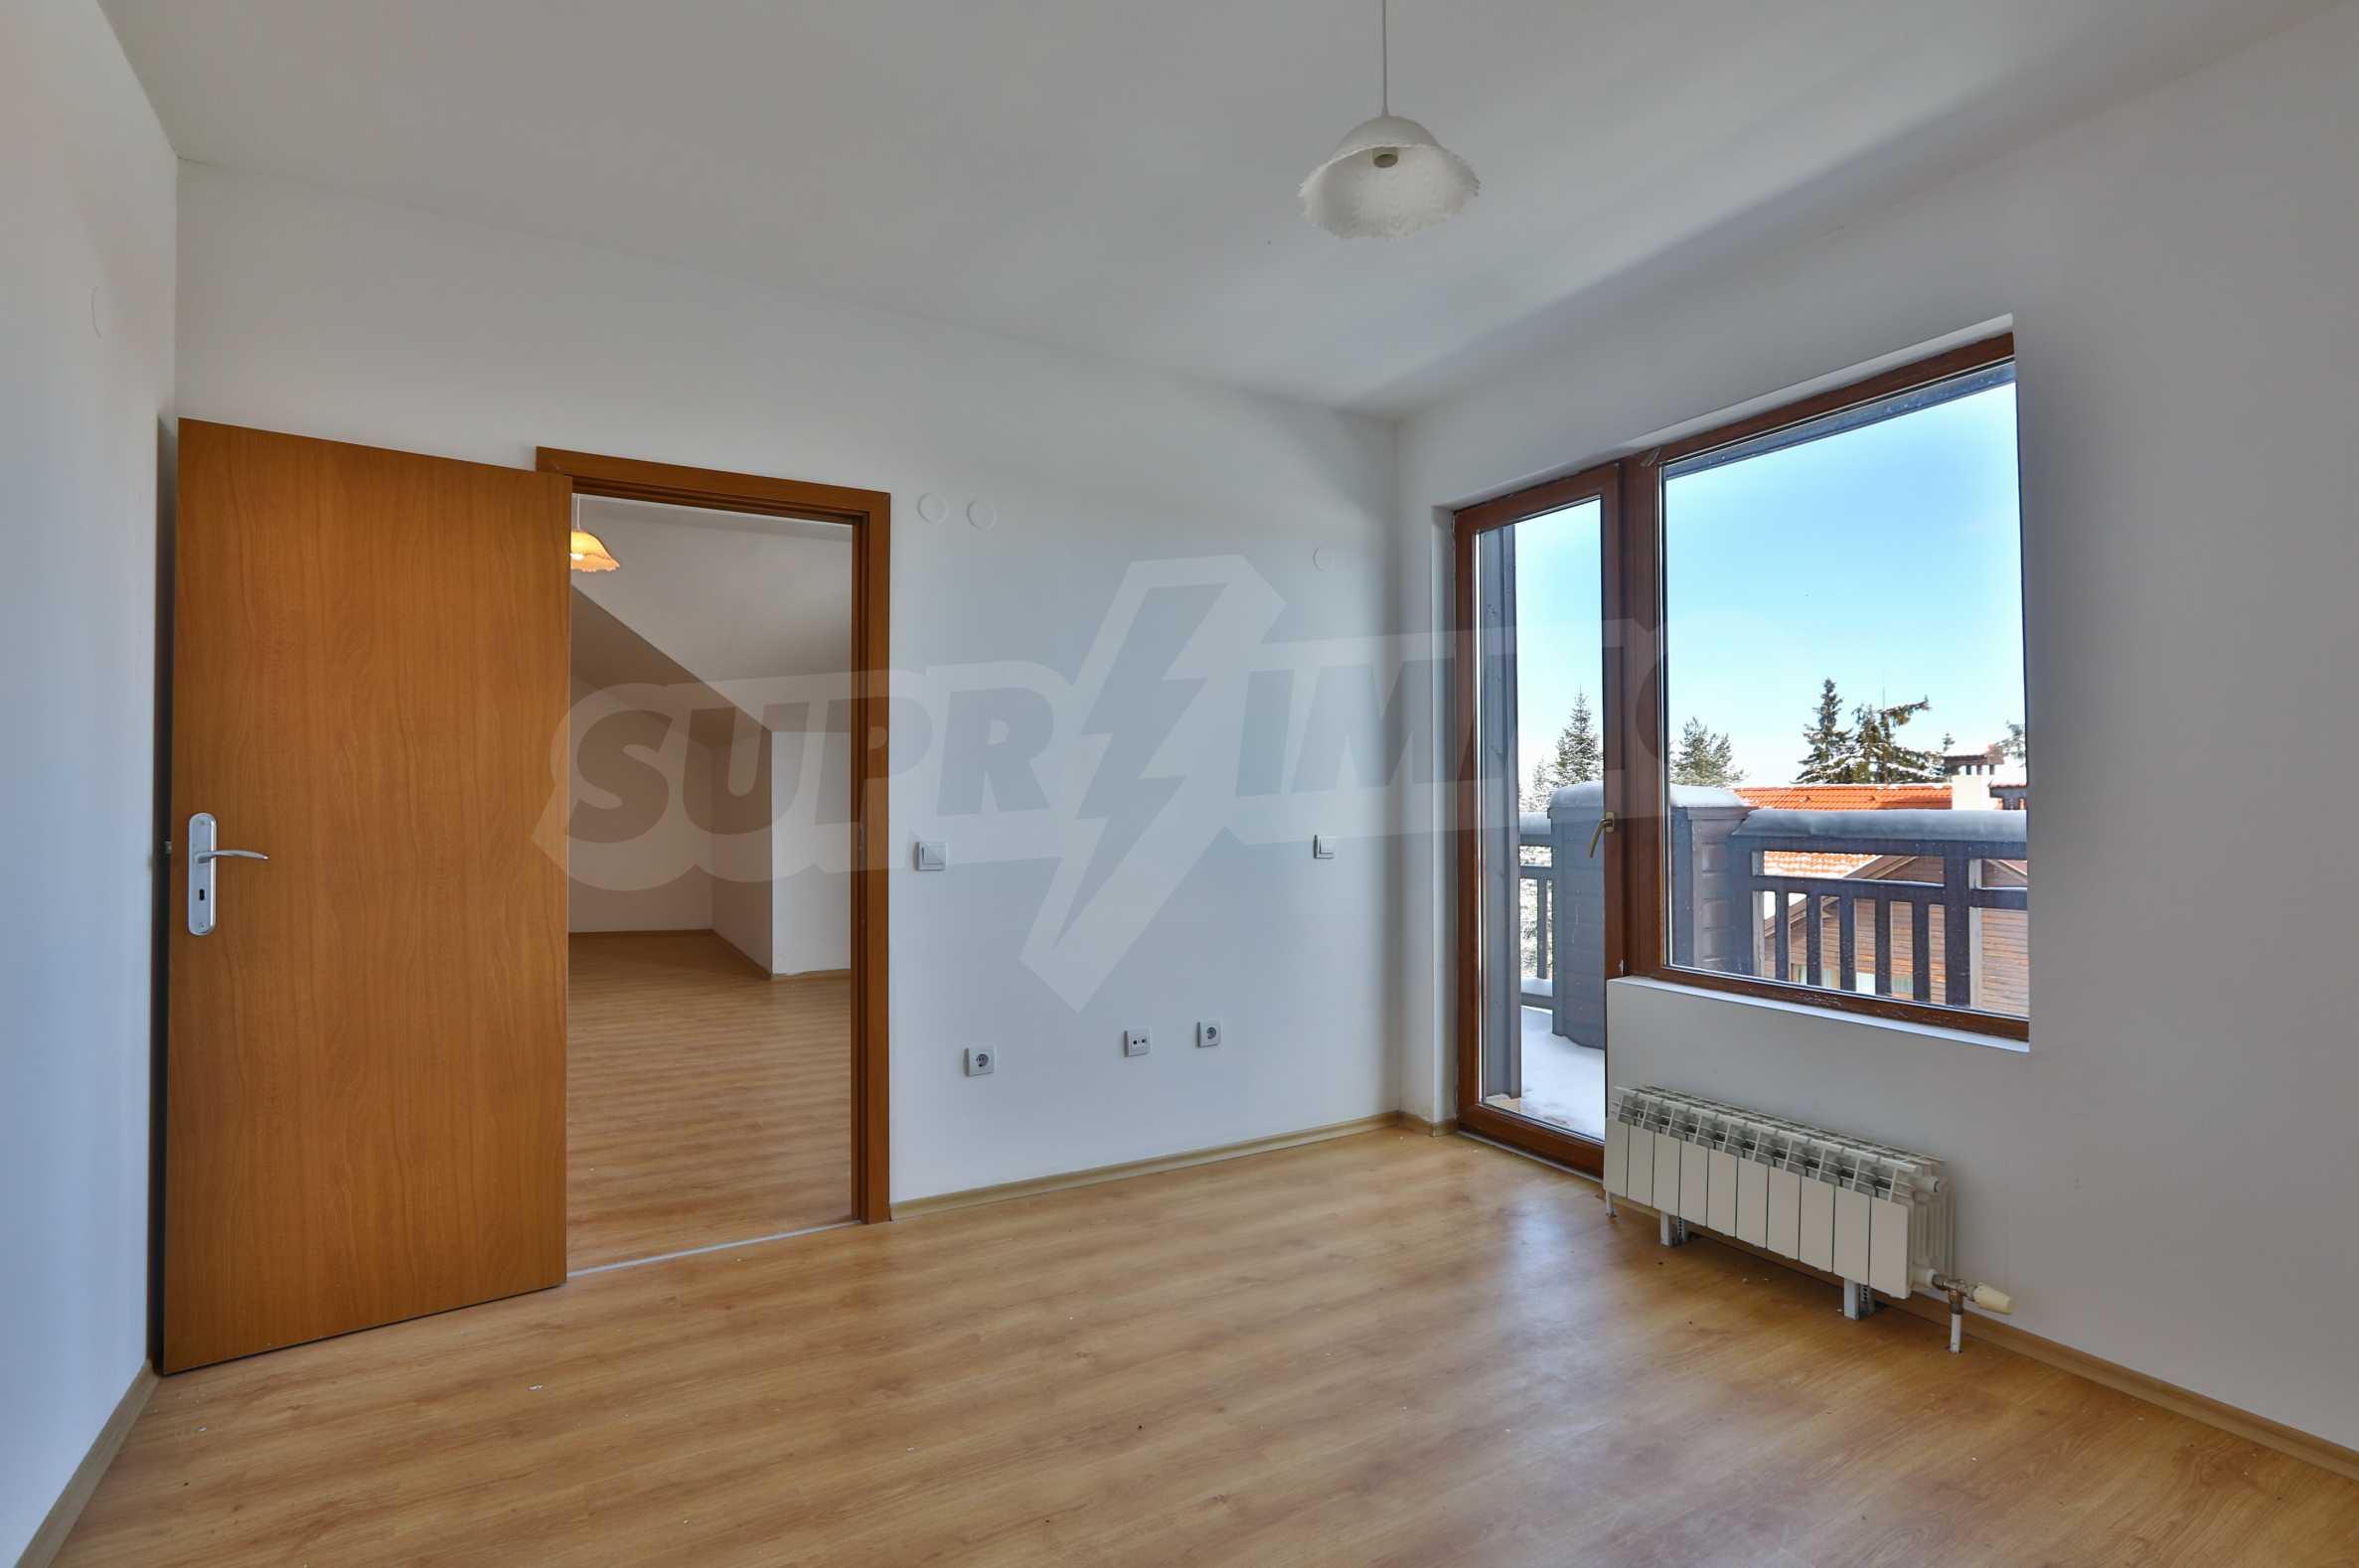 Първокласни апартаменти за продажба на метри от писта Ястребец в Боровец 11